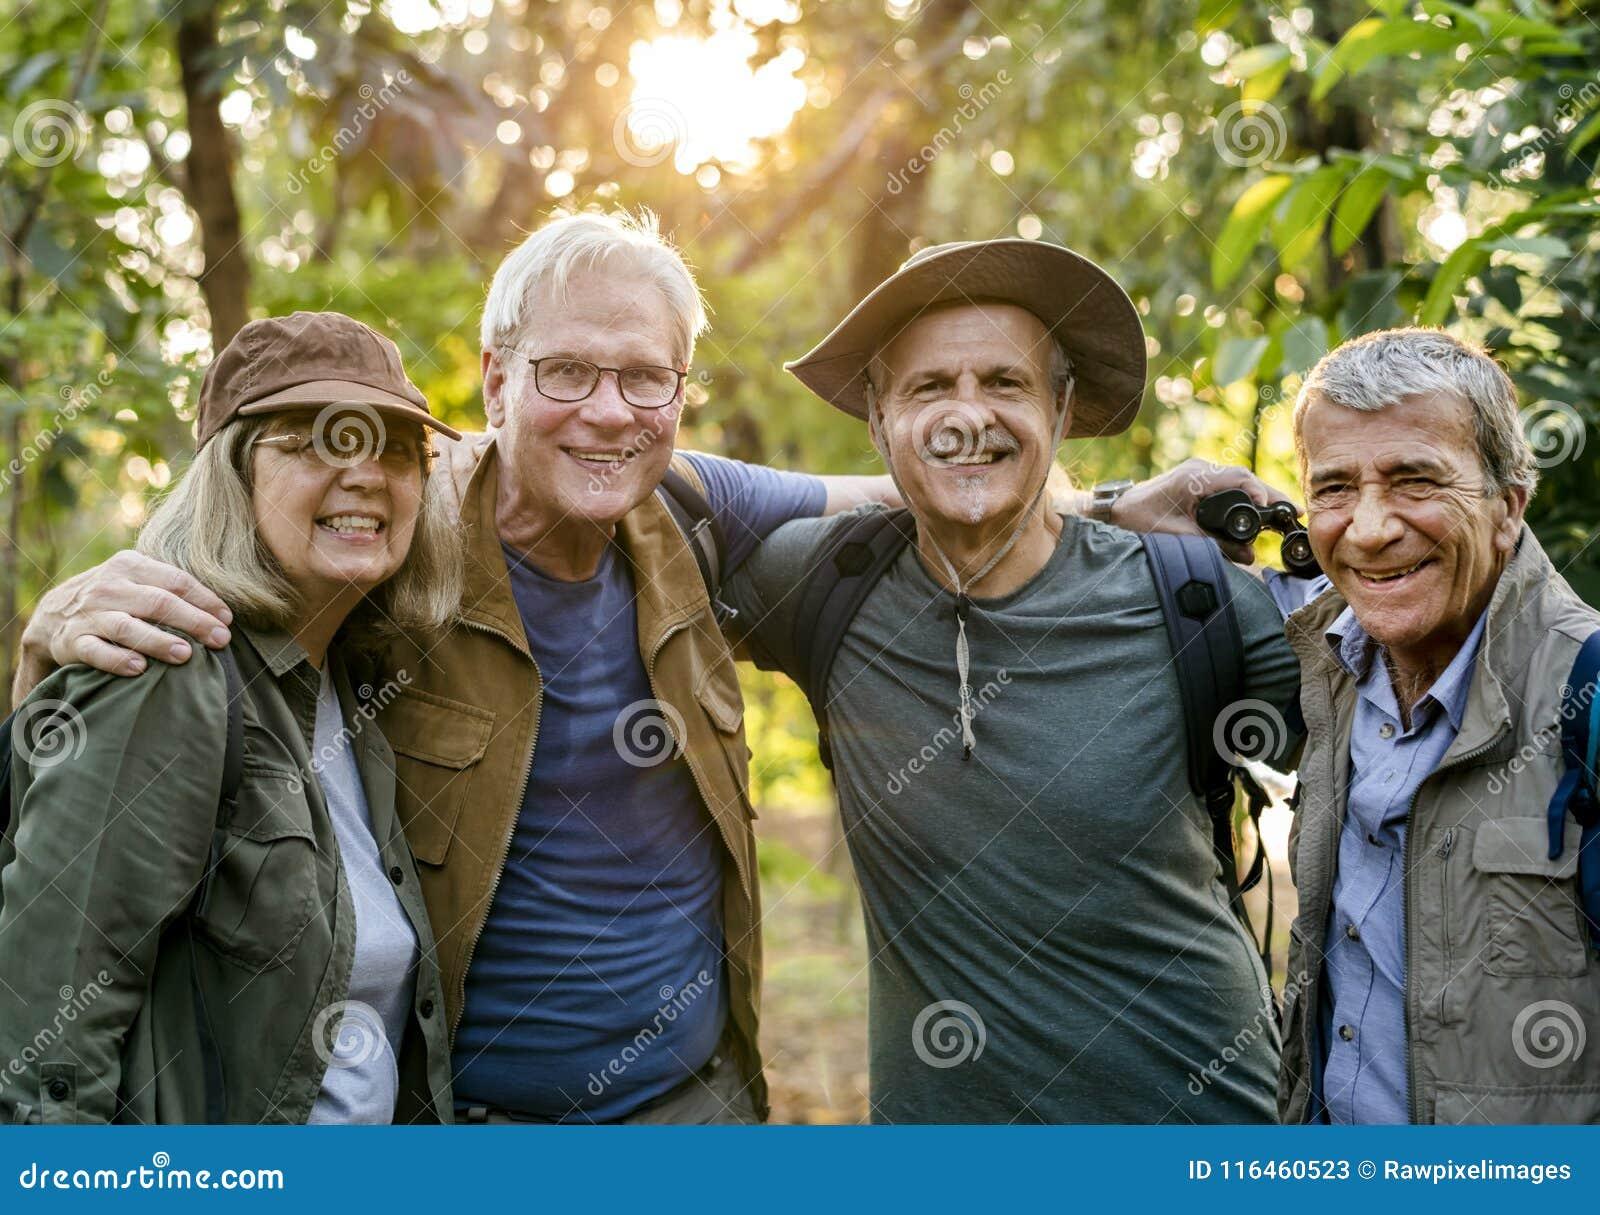 Ομάδα ανώτερων ενηλίκων που πραγματοποιούν οδοιπορικό στο δάσος